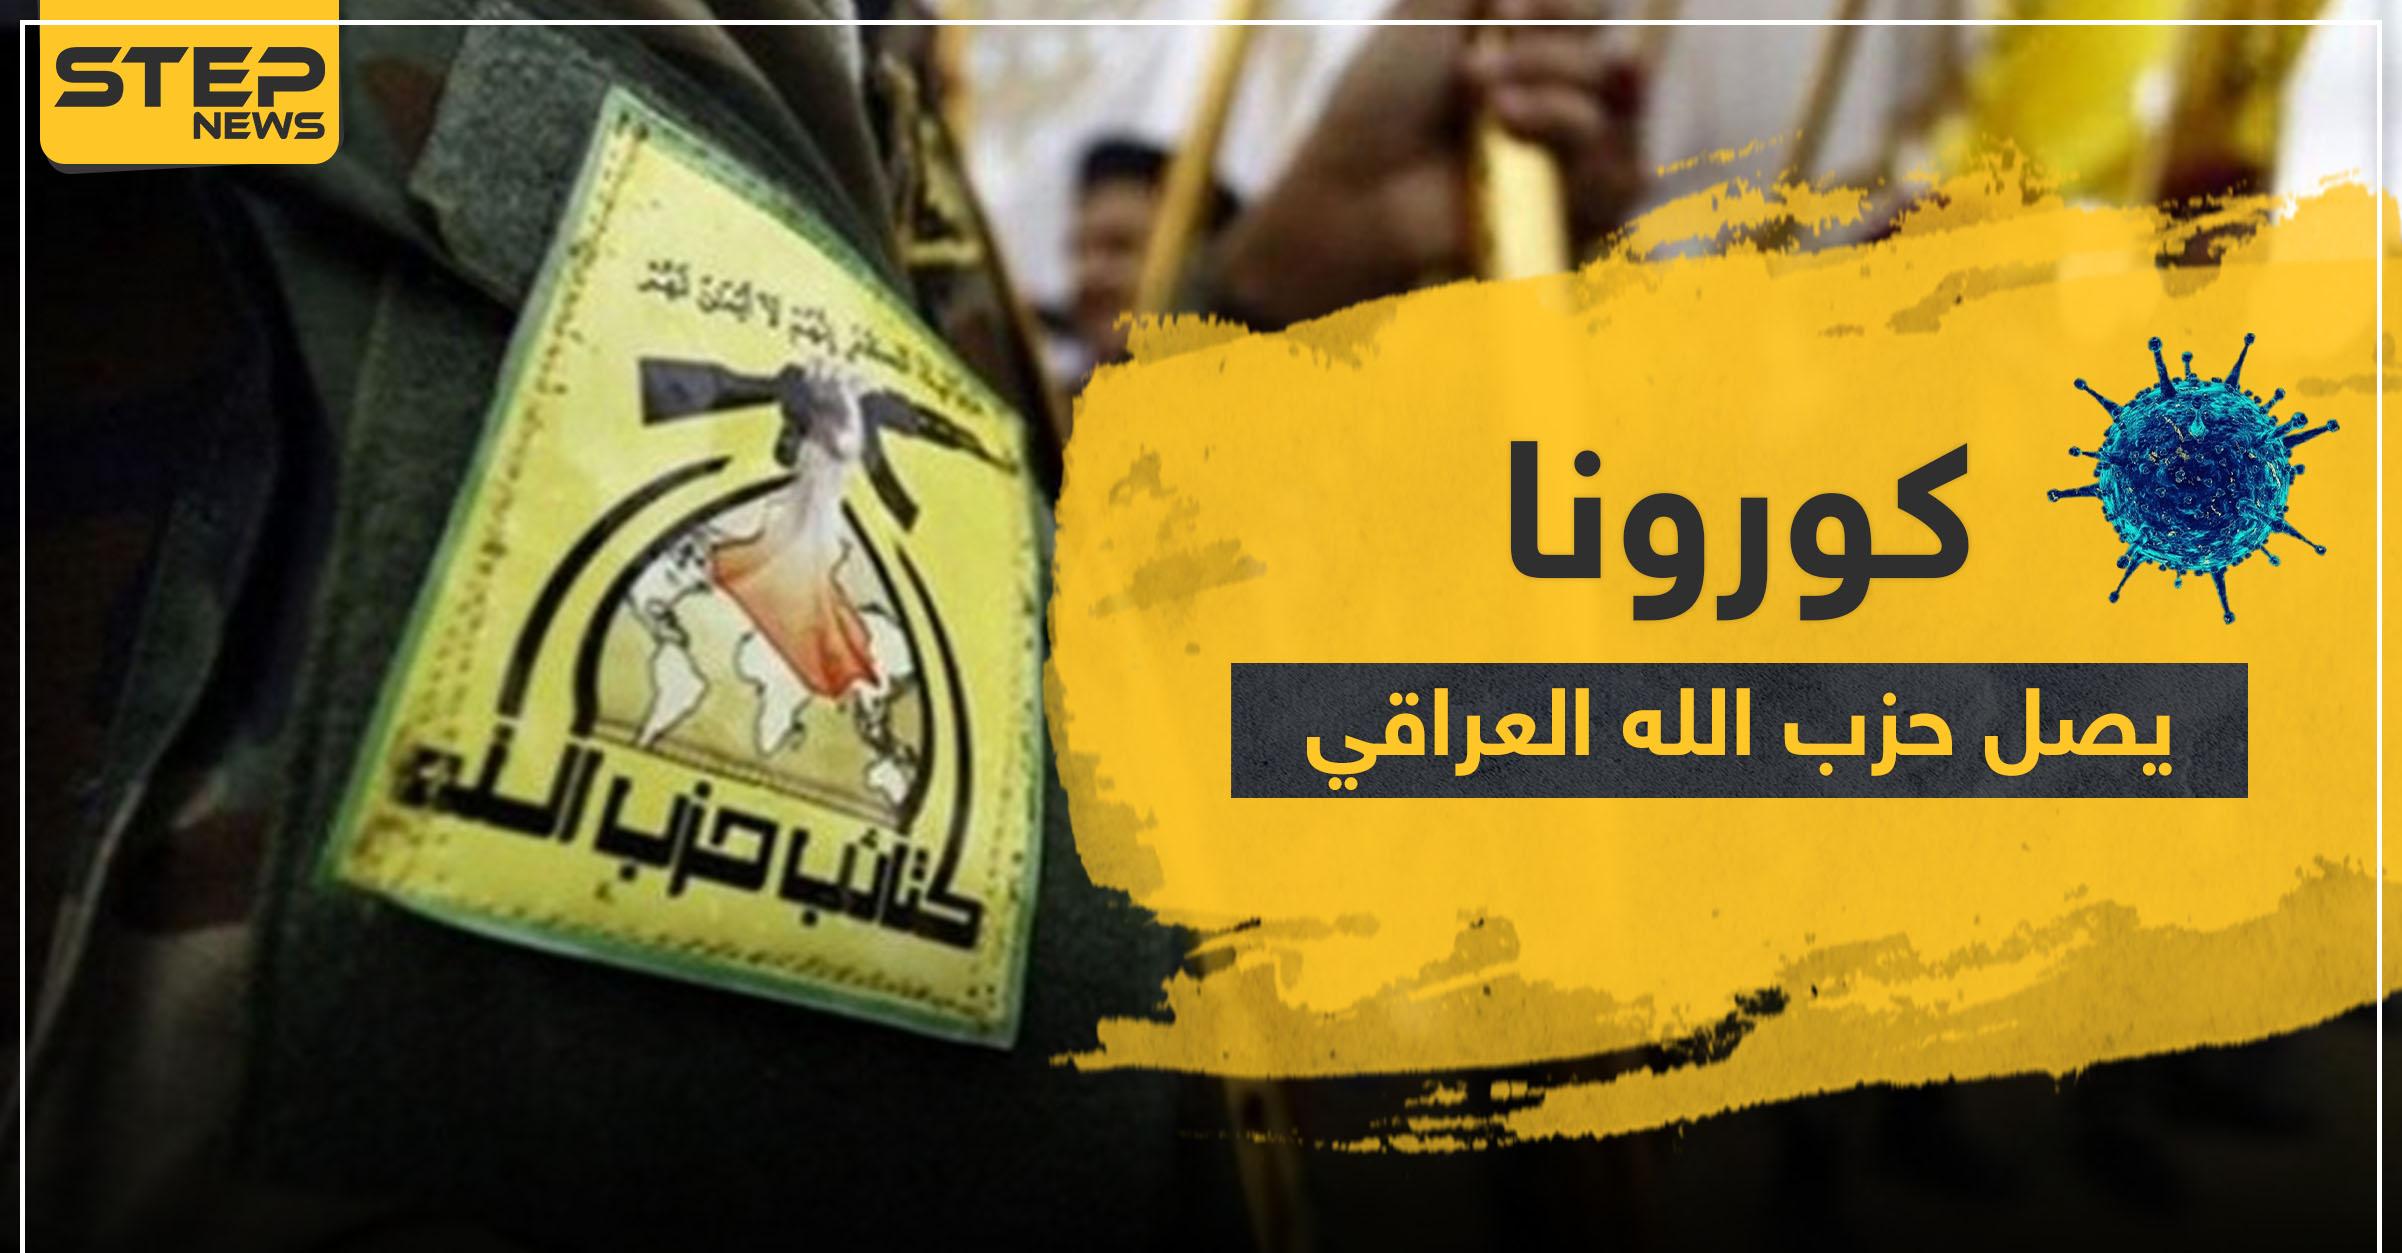 إصابات جديدة بفيروس كورونا بين عناصر حزب الله العراقيين